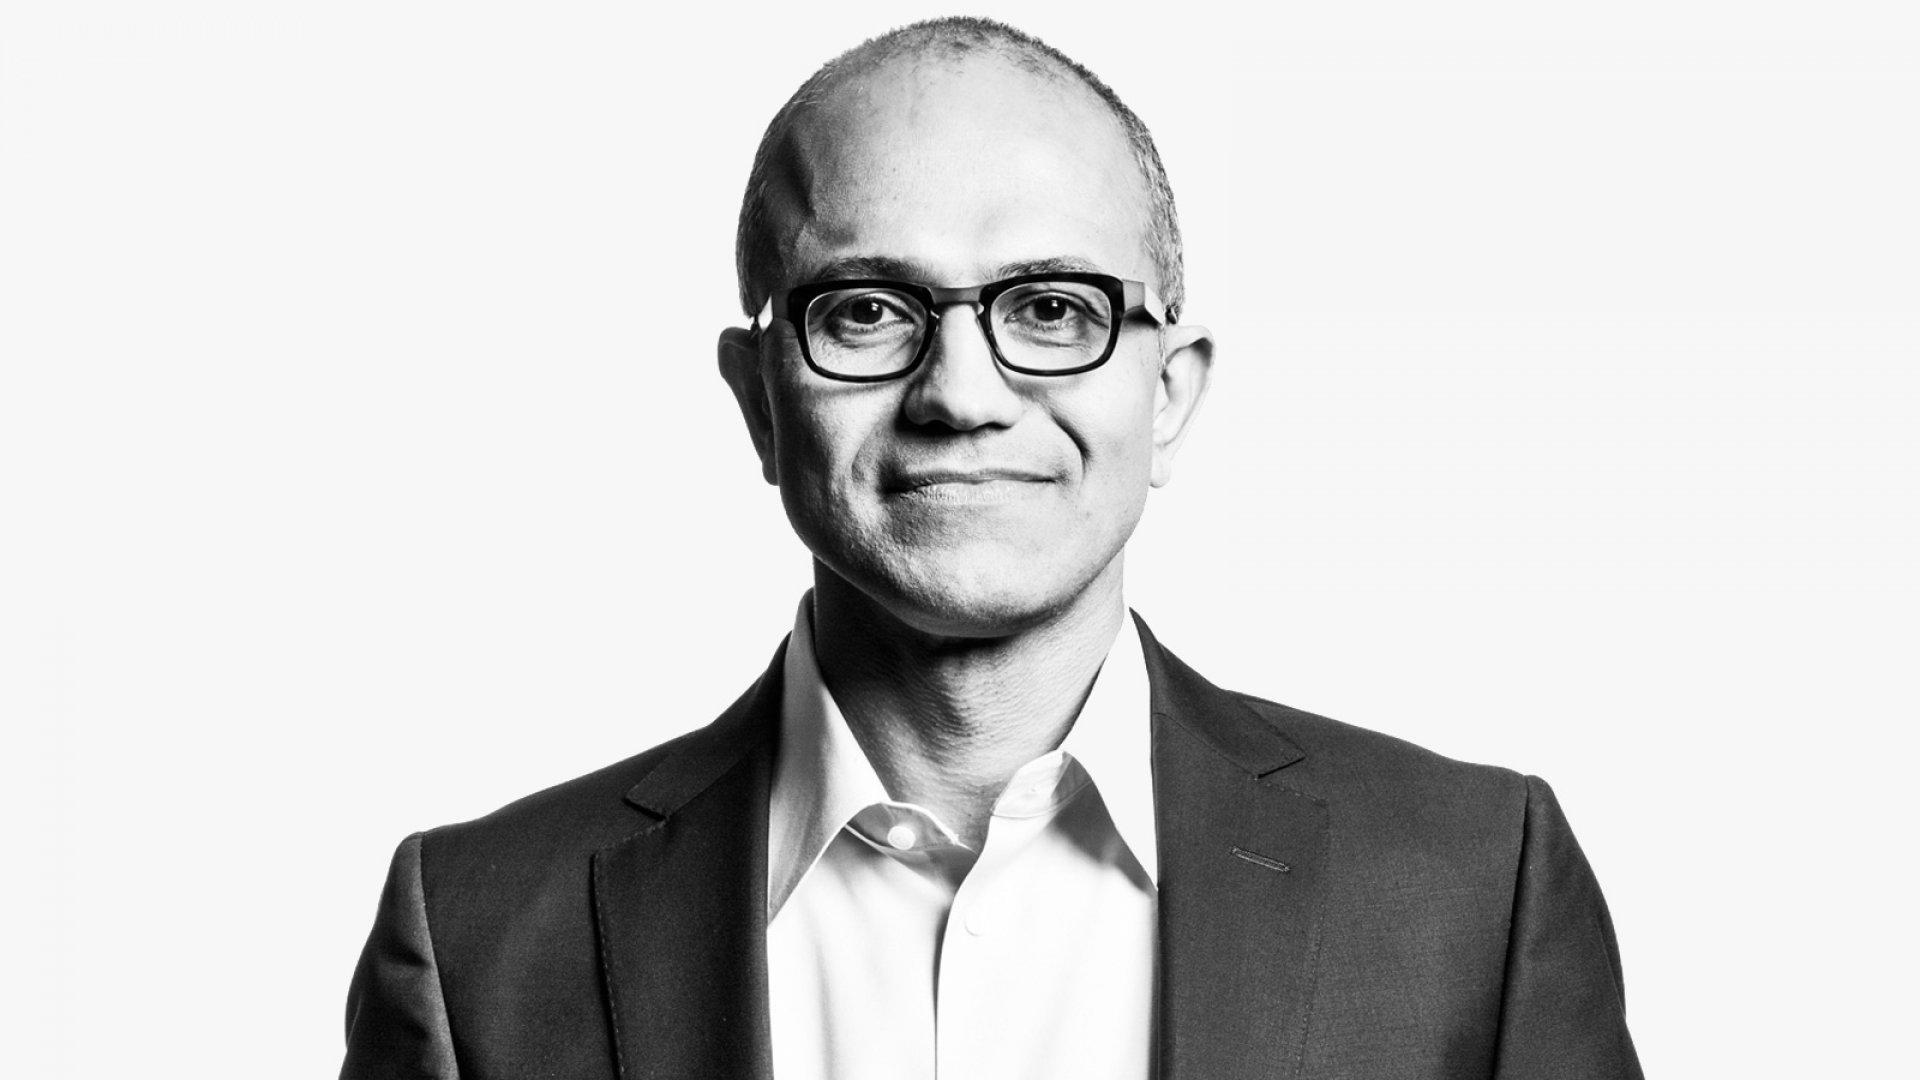 Leadership Lessons From Microsoft's Satya Nadella